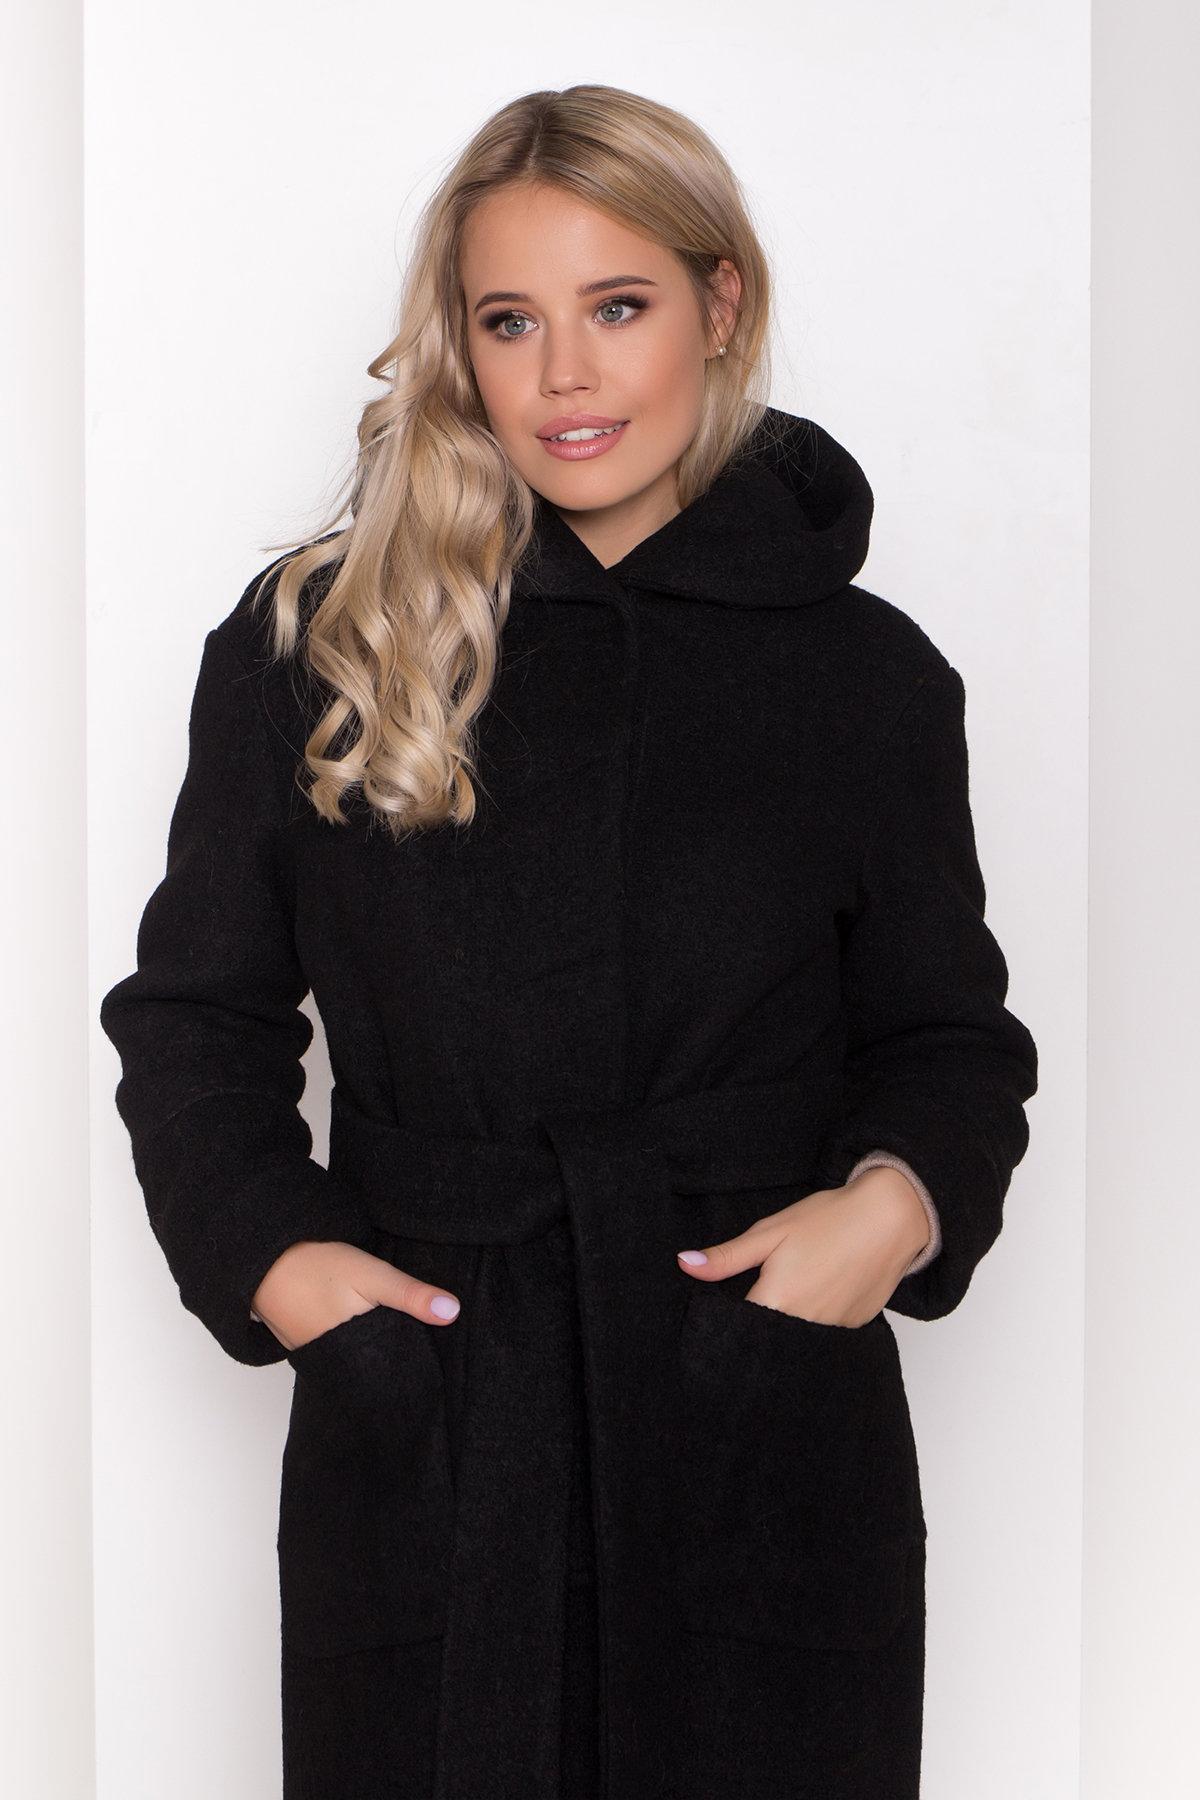 Пальто с капюшоном зимнее Анита 8327 АРТ. 44473 Цвет: Черный - фото 5, интернет магазин tm-modus.ru